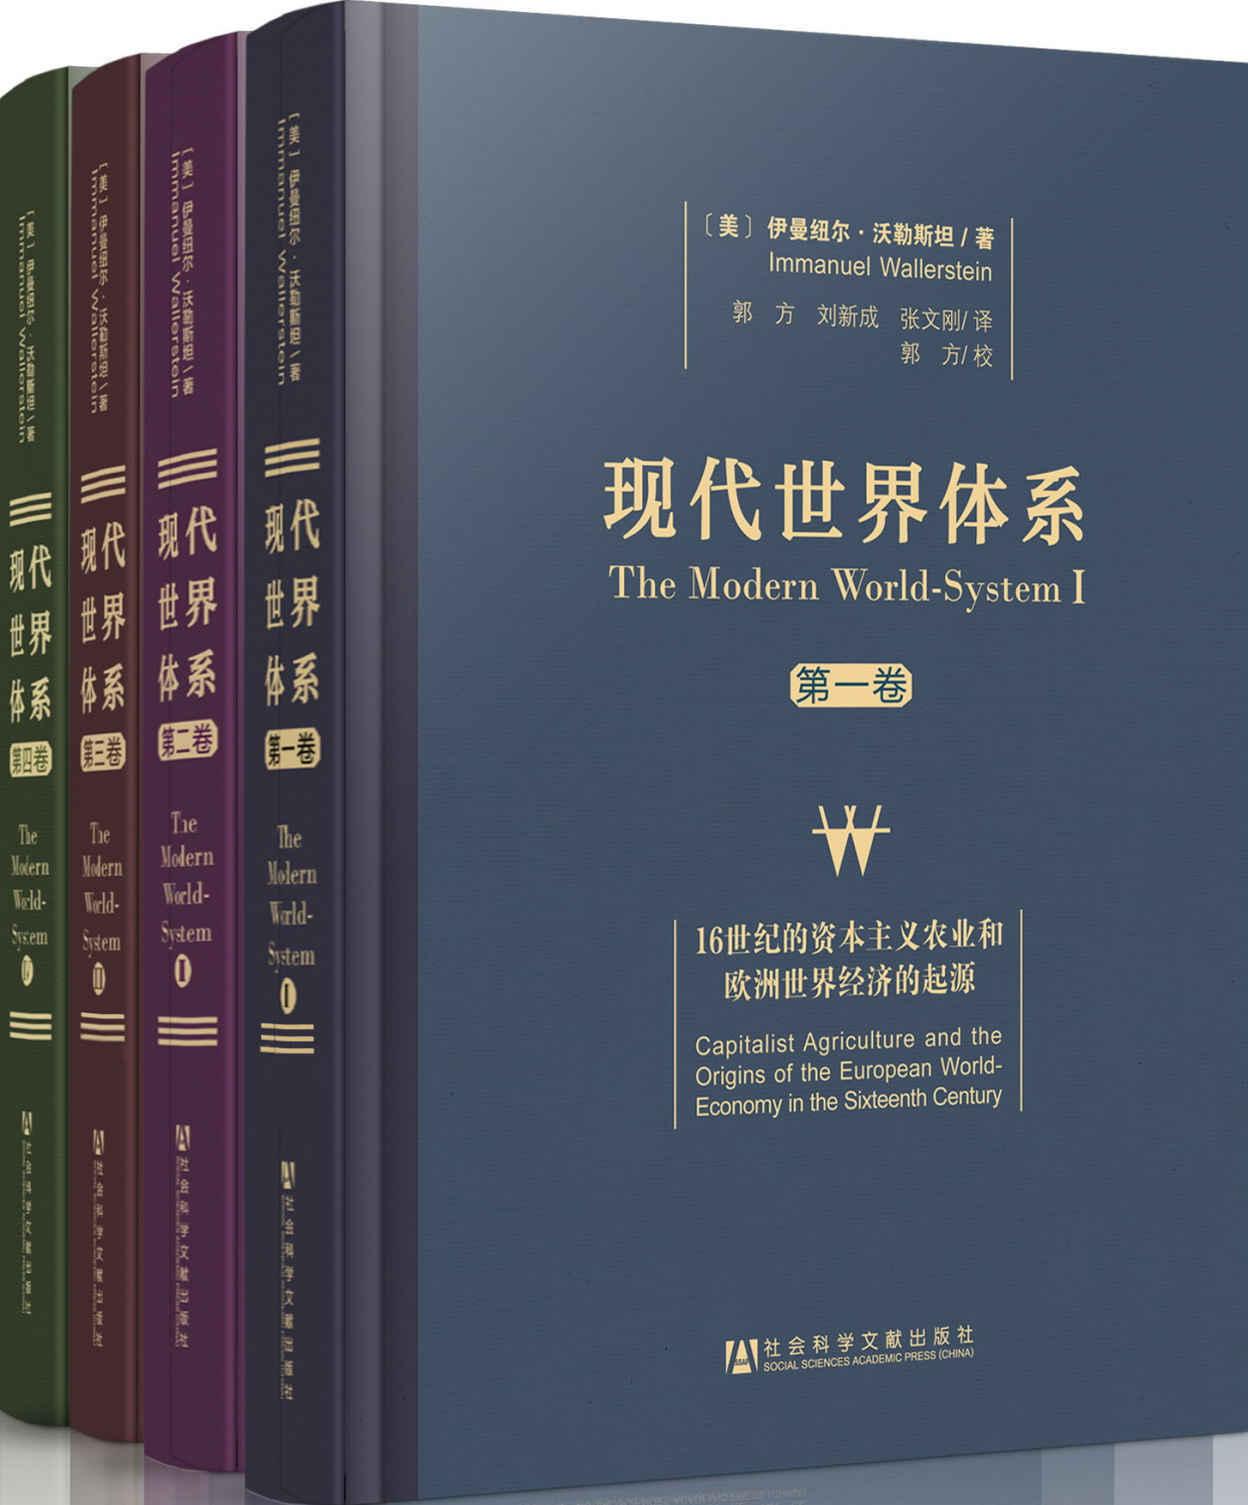 现代世界体系(全四卷)pdf-epub-mobi-txt-azw3